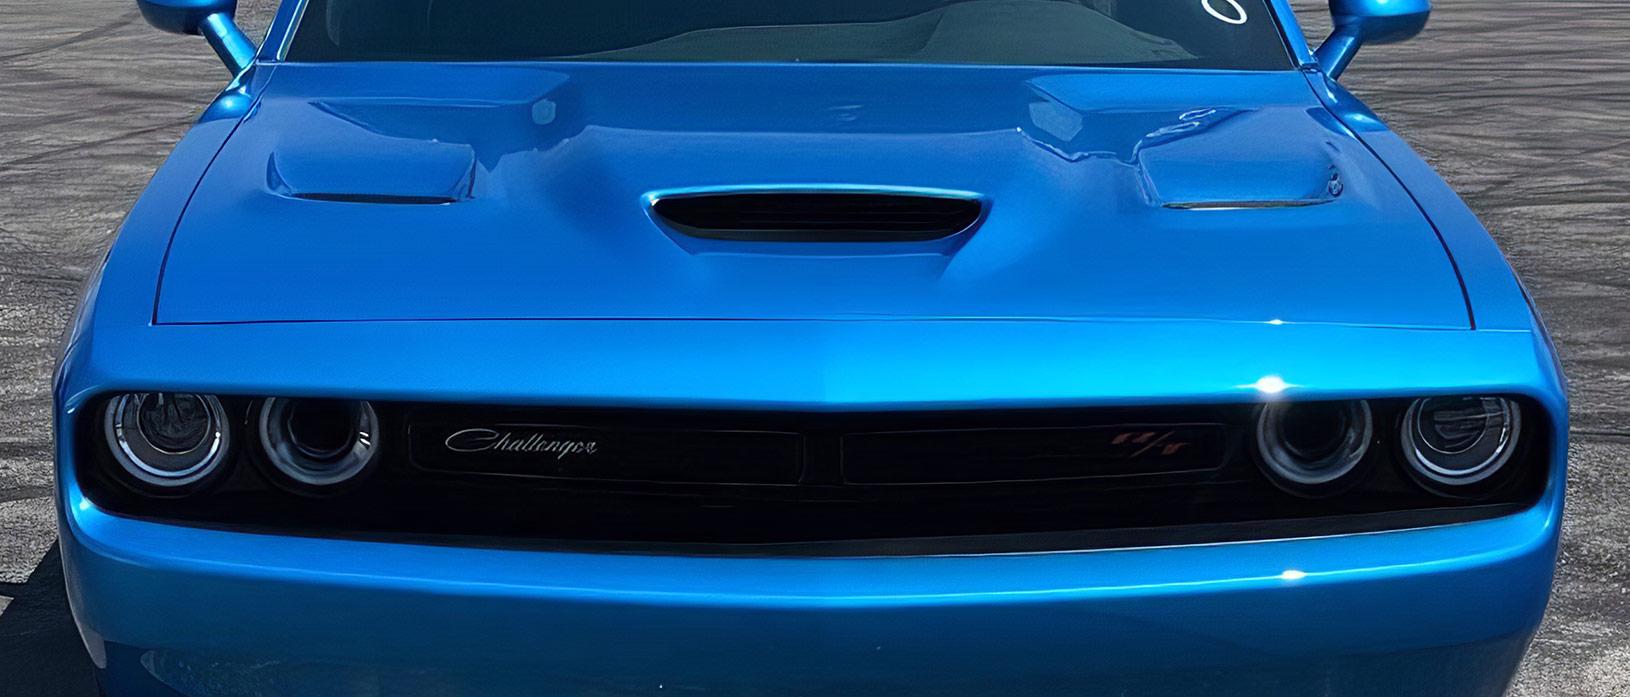 front end of a blue Dodge 1320 Drag Pak